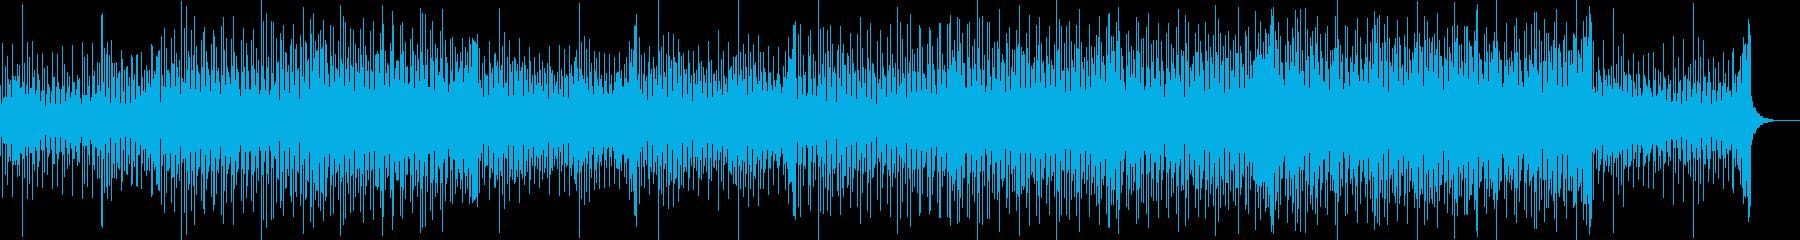 ポップ テクノ ラウンジ まったり...の再生済みの波形